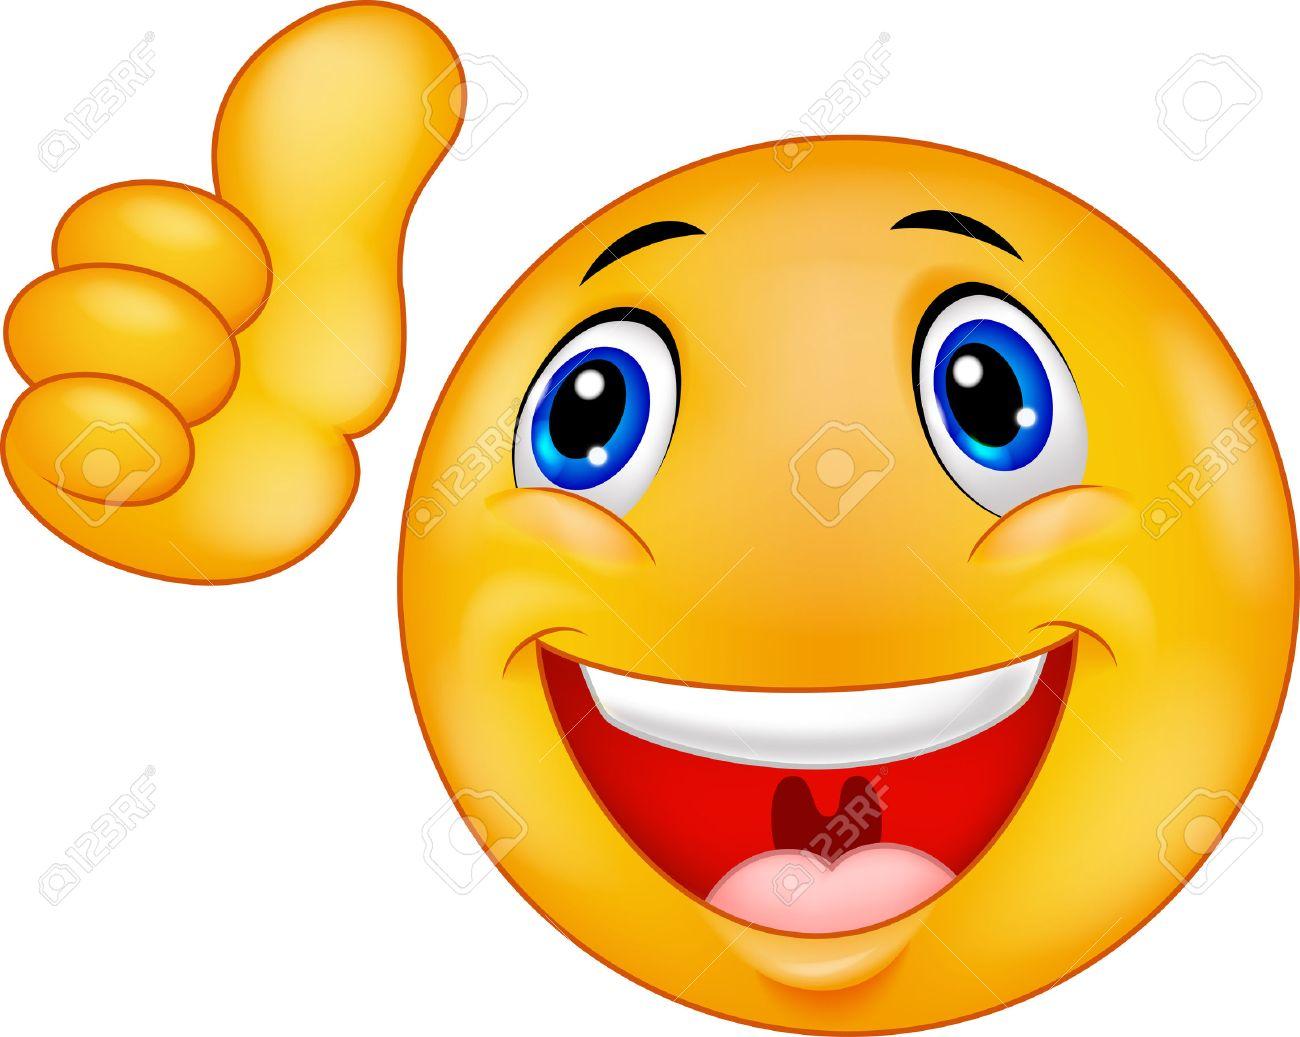 """Résultat de recherche d'images pour """"emoticone joie"""""""